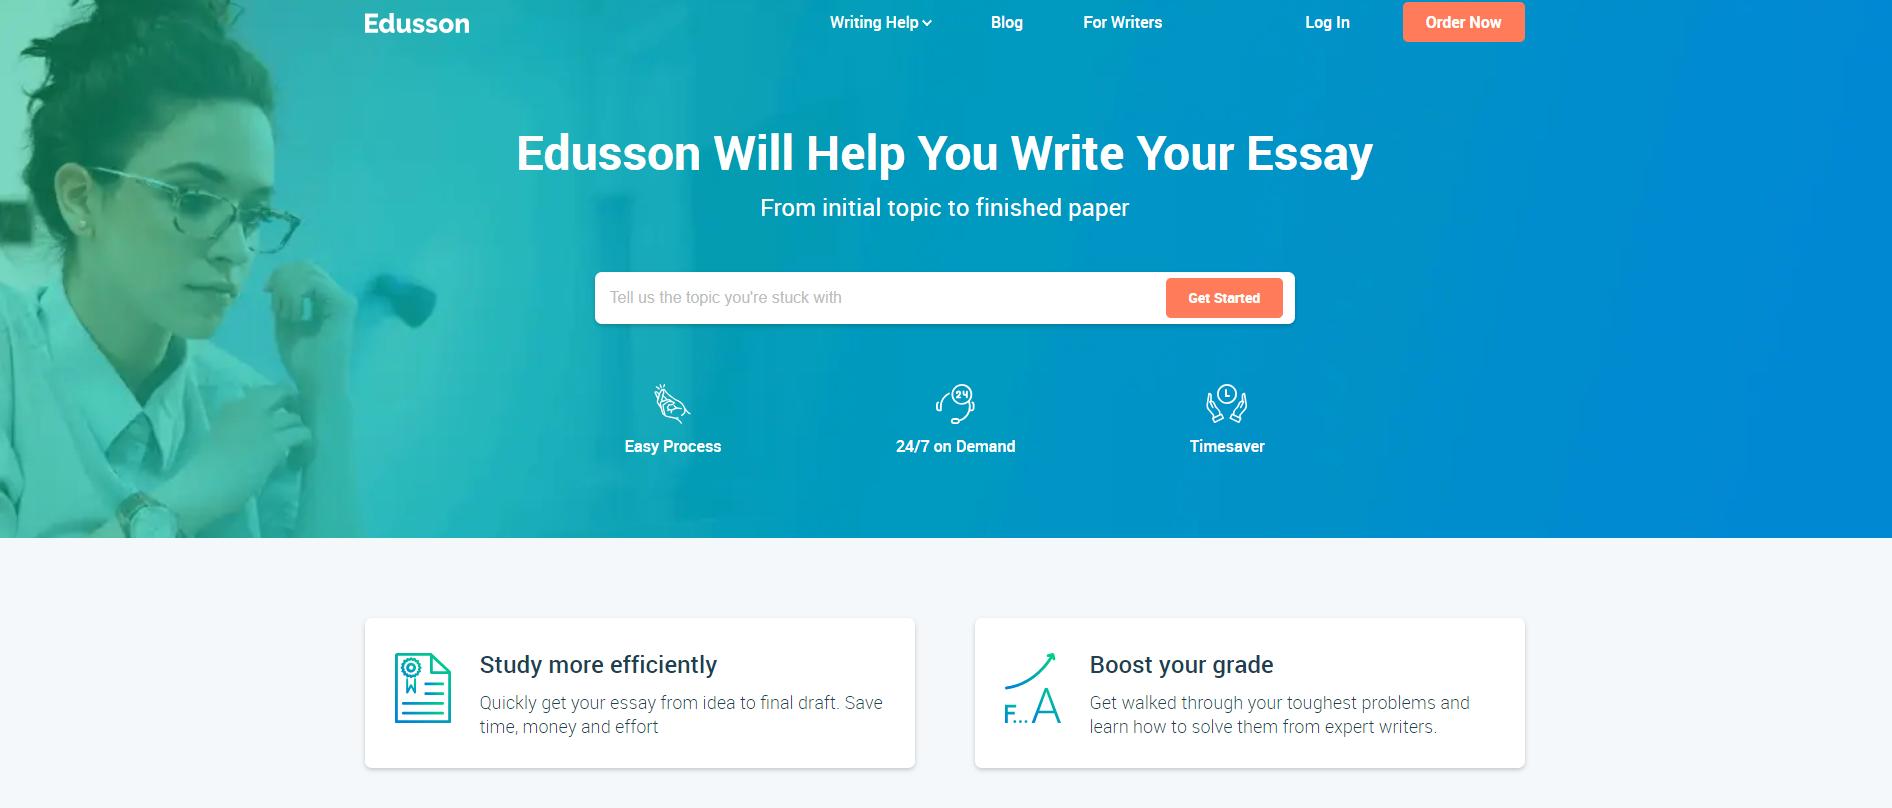 Edusson Homepage